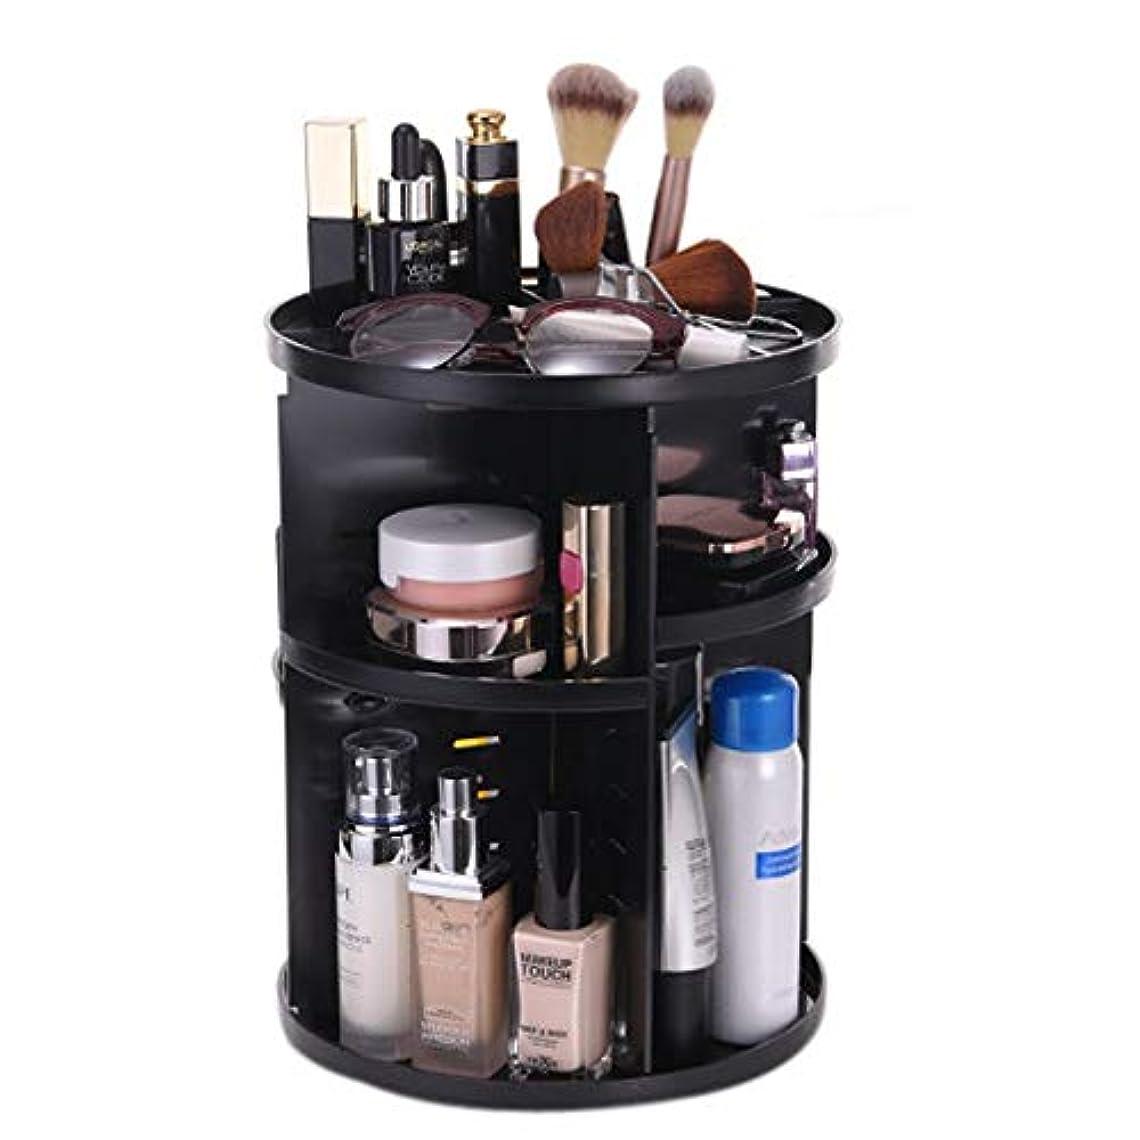 長椅子イルファウルwinkong 化粧コスメ収納ボックス アブラック 化粧品収納 360度回転 調整可能 大容量 多機能 クリルケース メイクケース